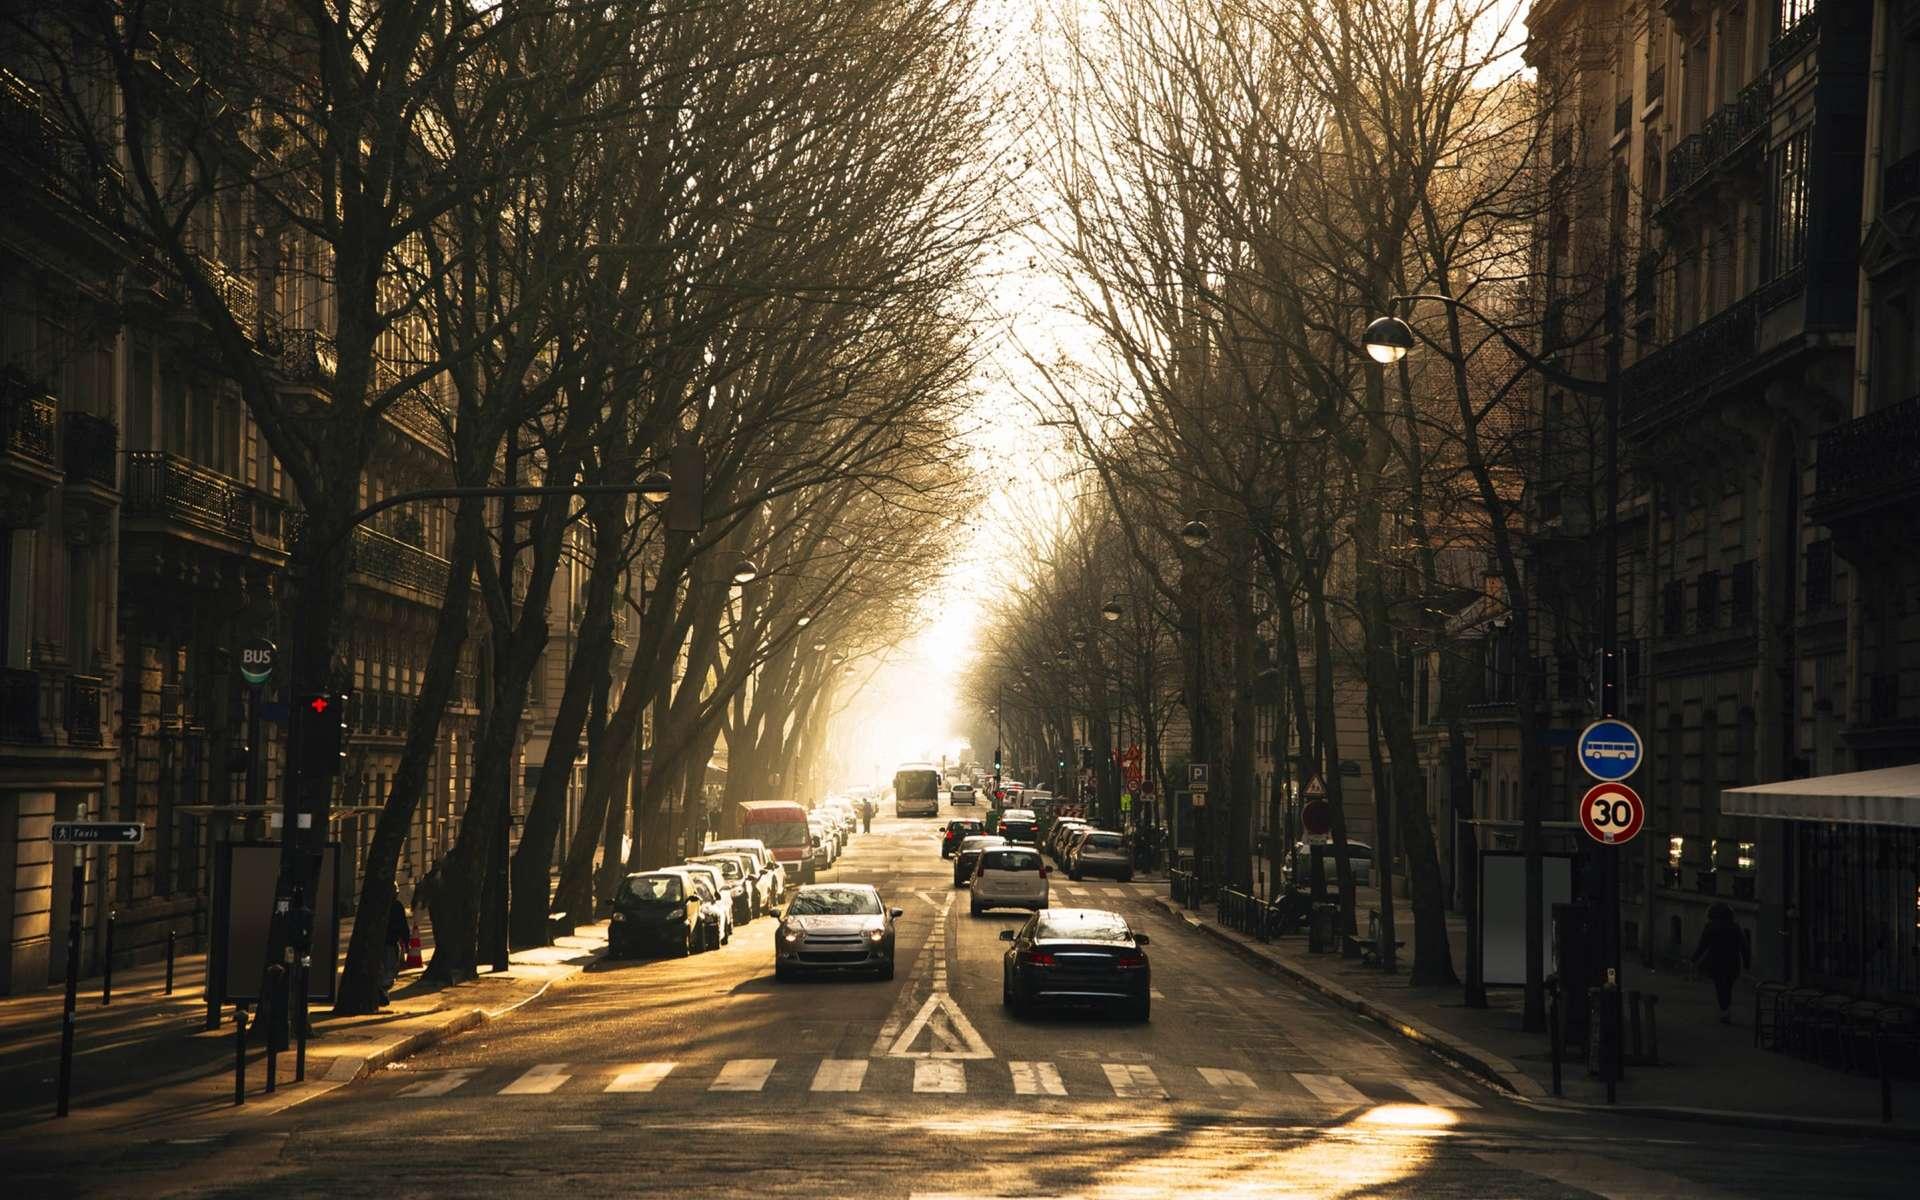 Trois enfants sur quatre respirent un air toxique en France, s'alarme l'Unicef France, qui appelle les pouvoirs publics dans ce pays à agir « au plus vite » contre la pollution de l'air. © MarioGuti, IStock.com